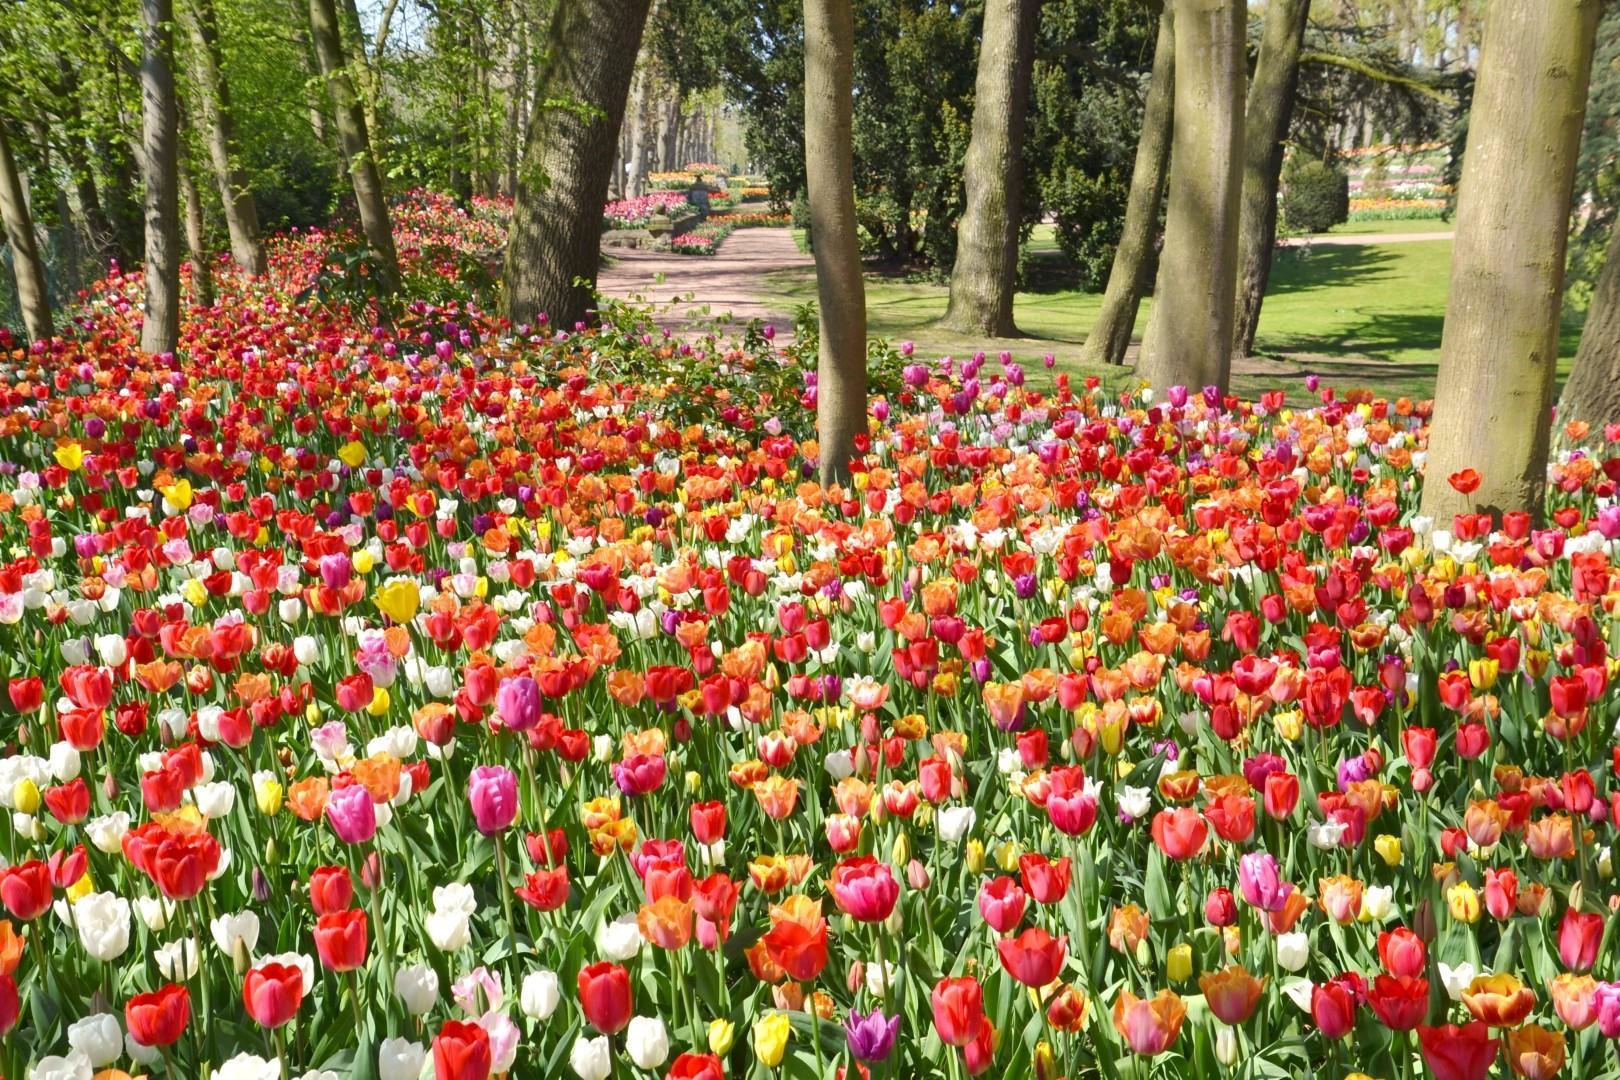 Tappeto Floreale Bruxelles : Un tappeto da mila fiori per bruxelles